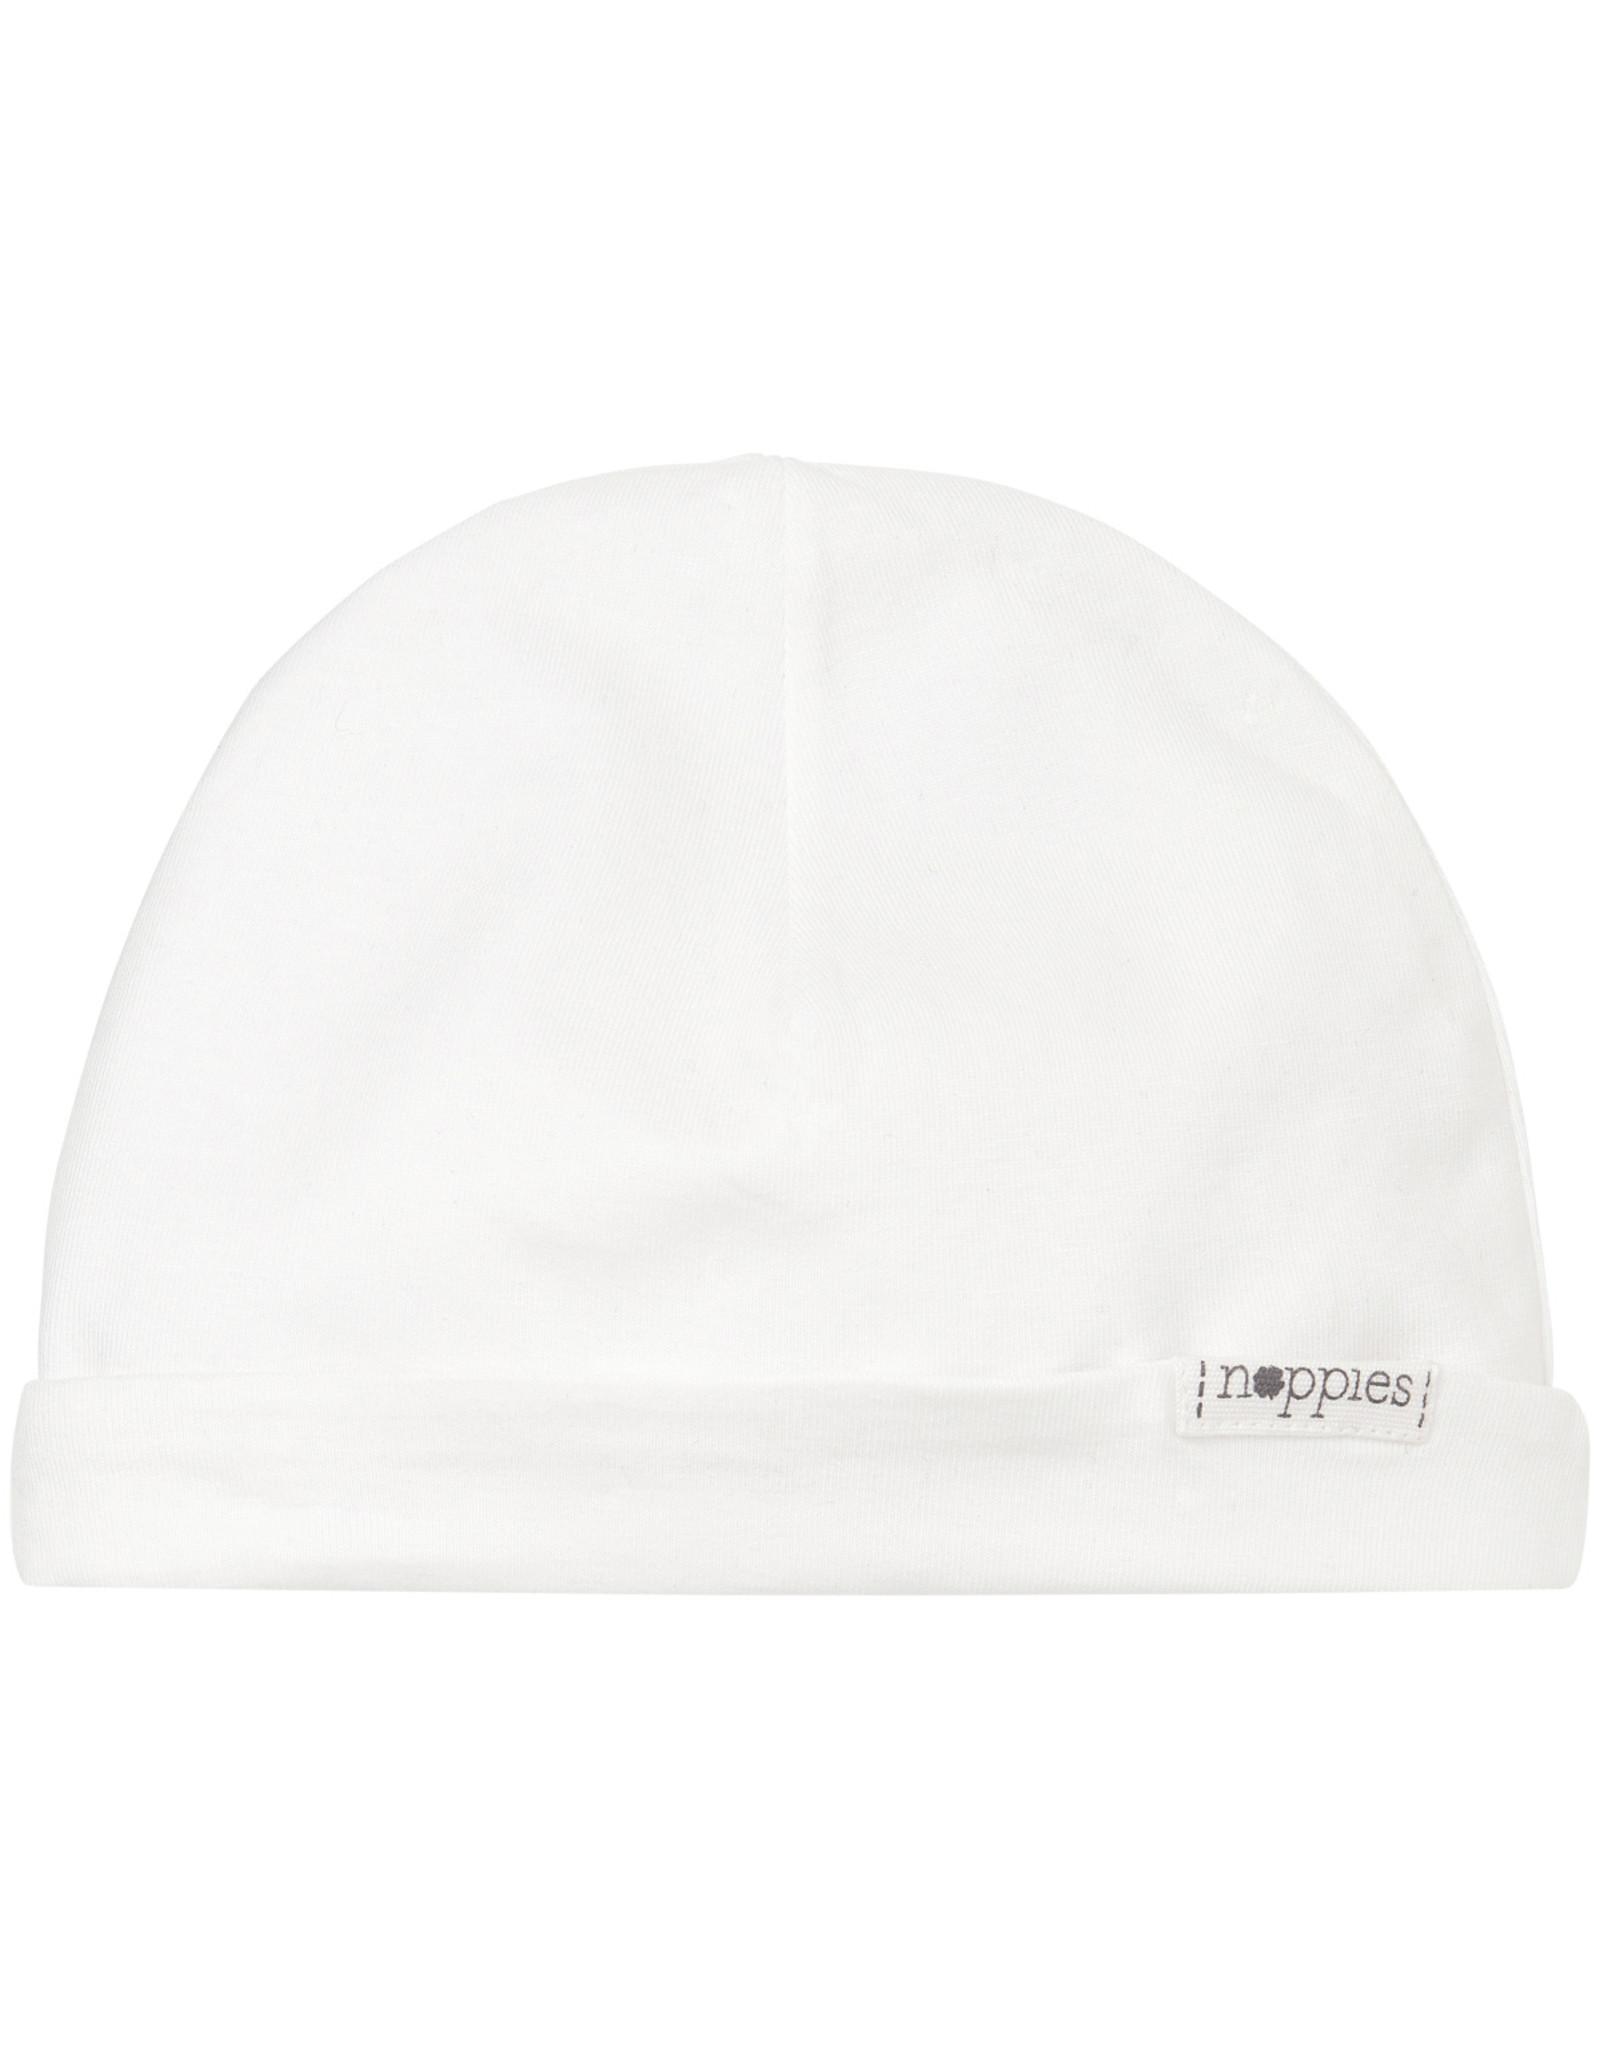 Noppies U Hat rev Babylon white